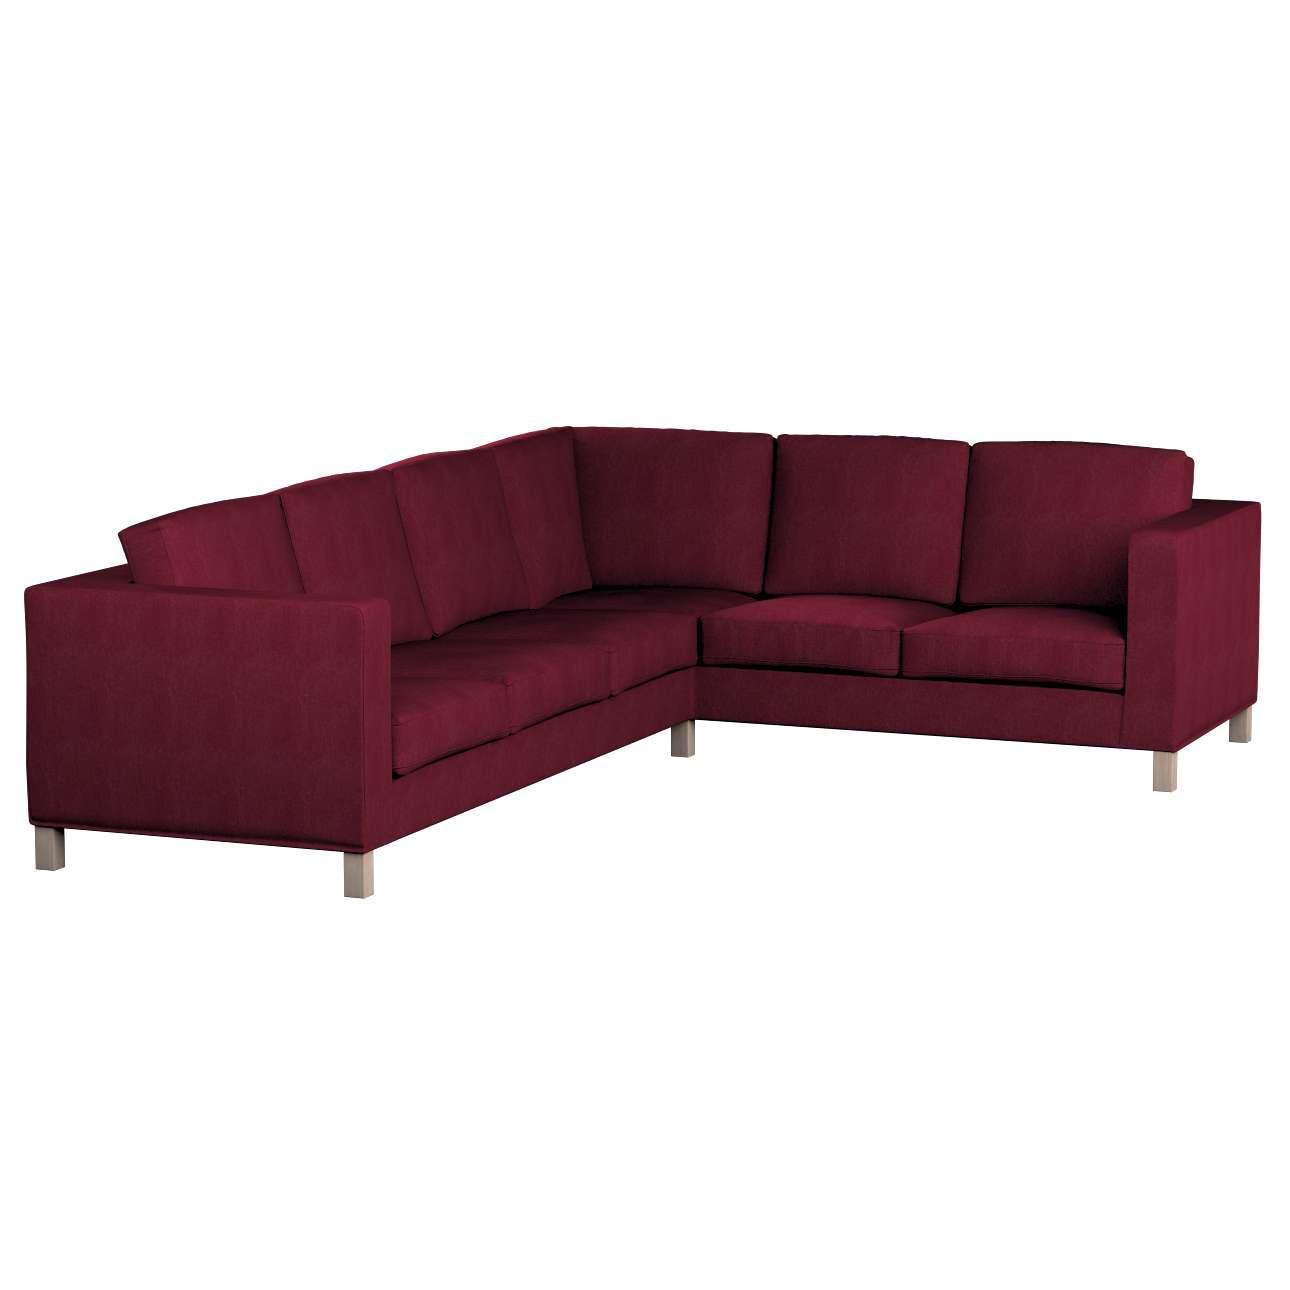 Pokrowiec na sofę narożną lewostronną Karlanda w kolekcji Chenille, tkanina: 702-19